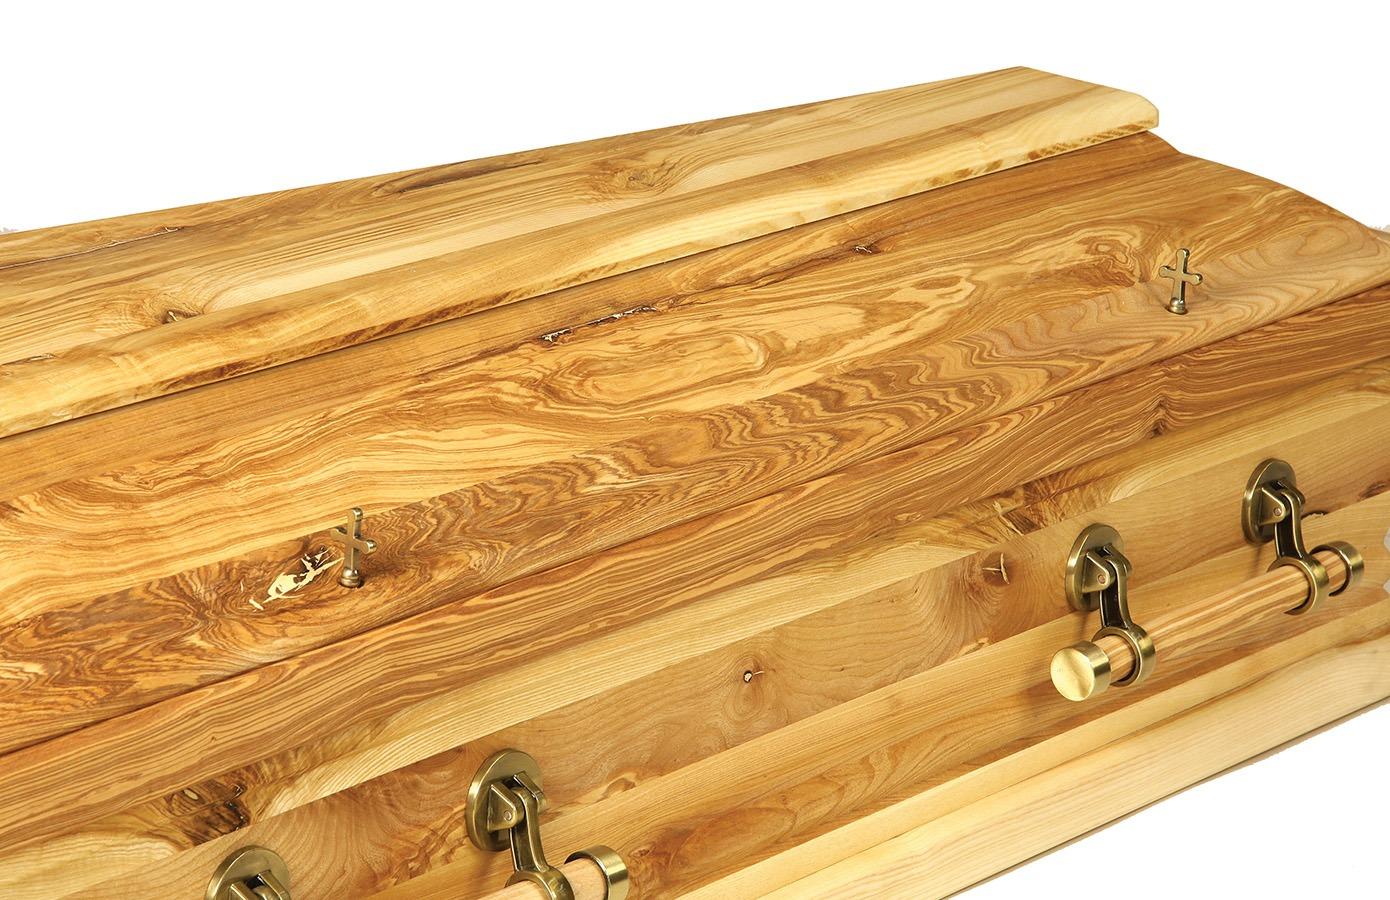 The Bog Oak Coffin or Casket